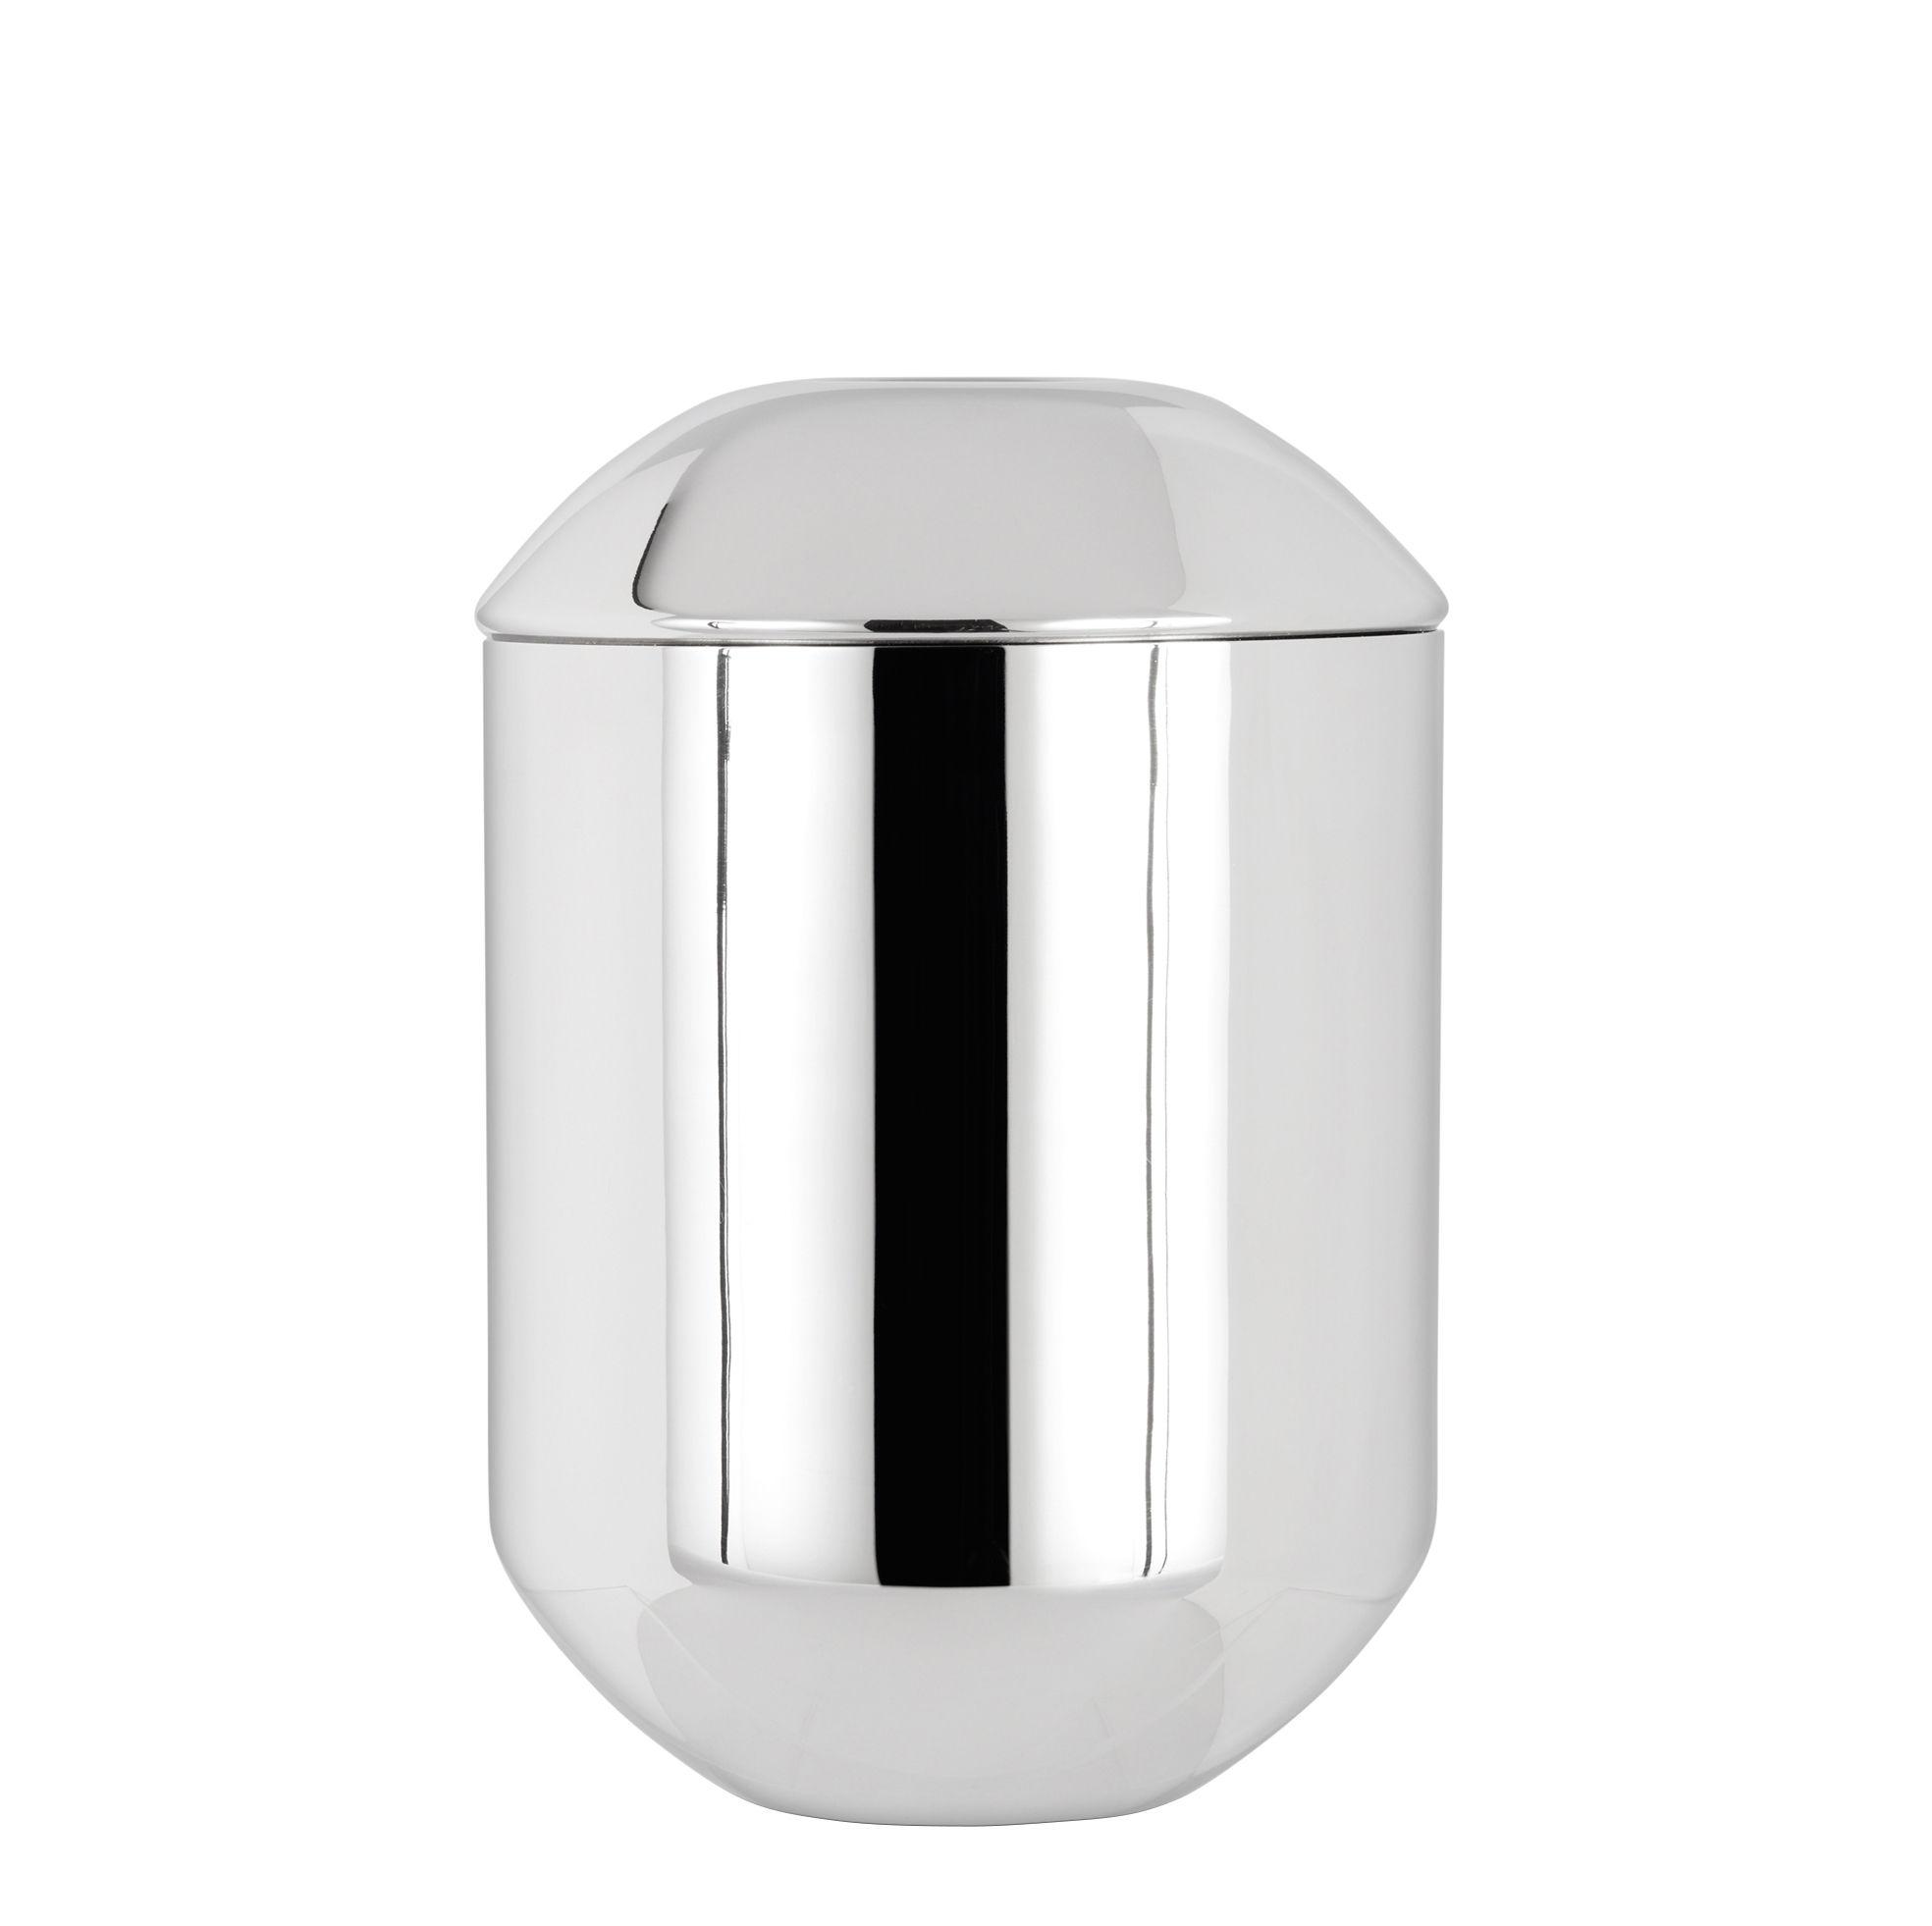 Arts de la table - Thé et café - Boîte à thé Caddy / Ø 8,5 x H 12,5 cm - Tom Dixon - Acier poli - Acier inoxydable poli